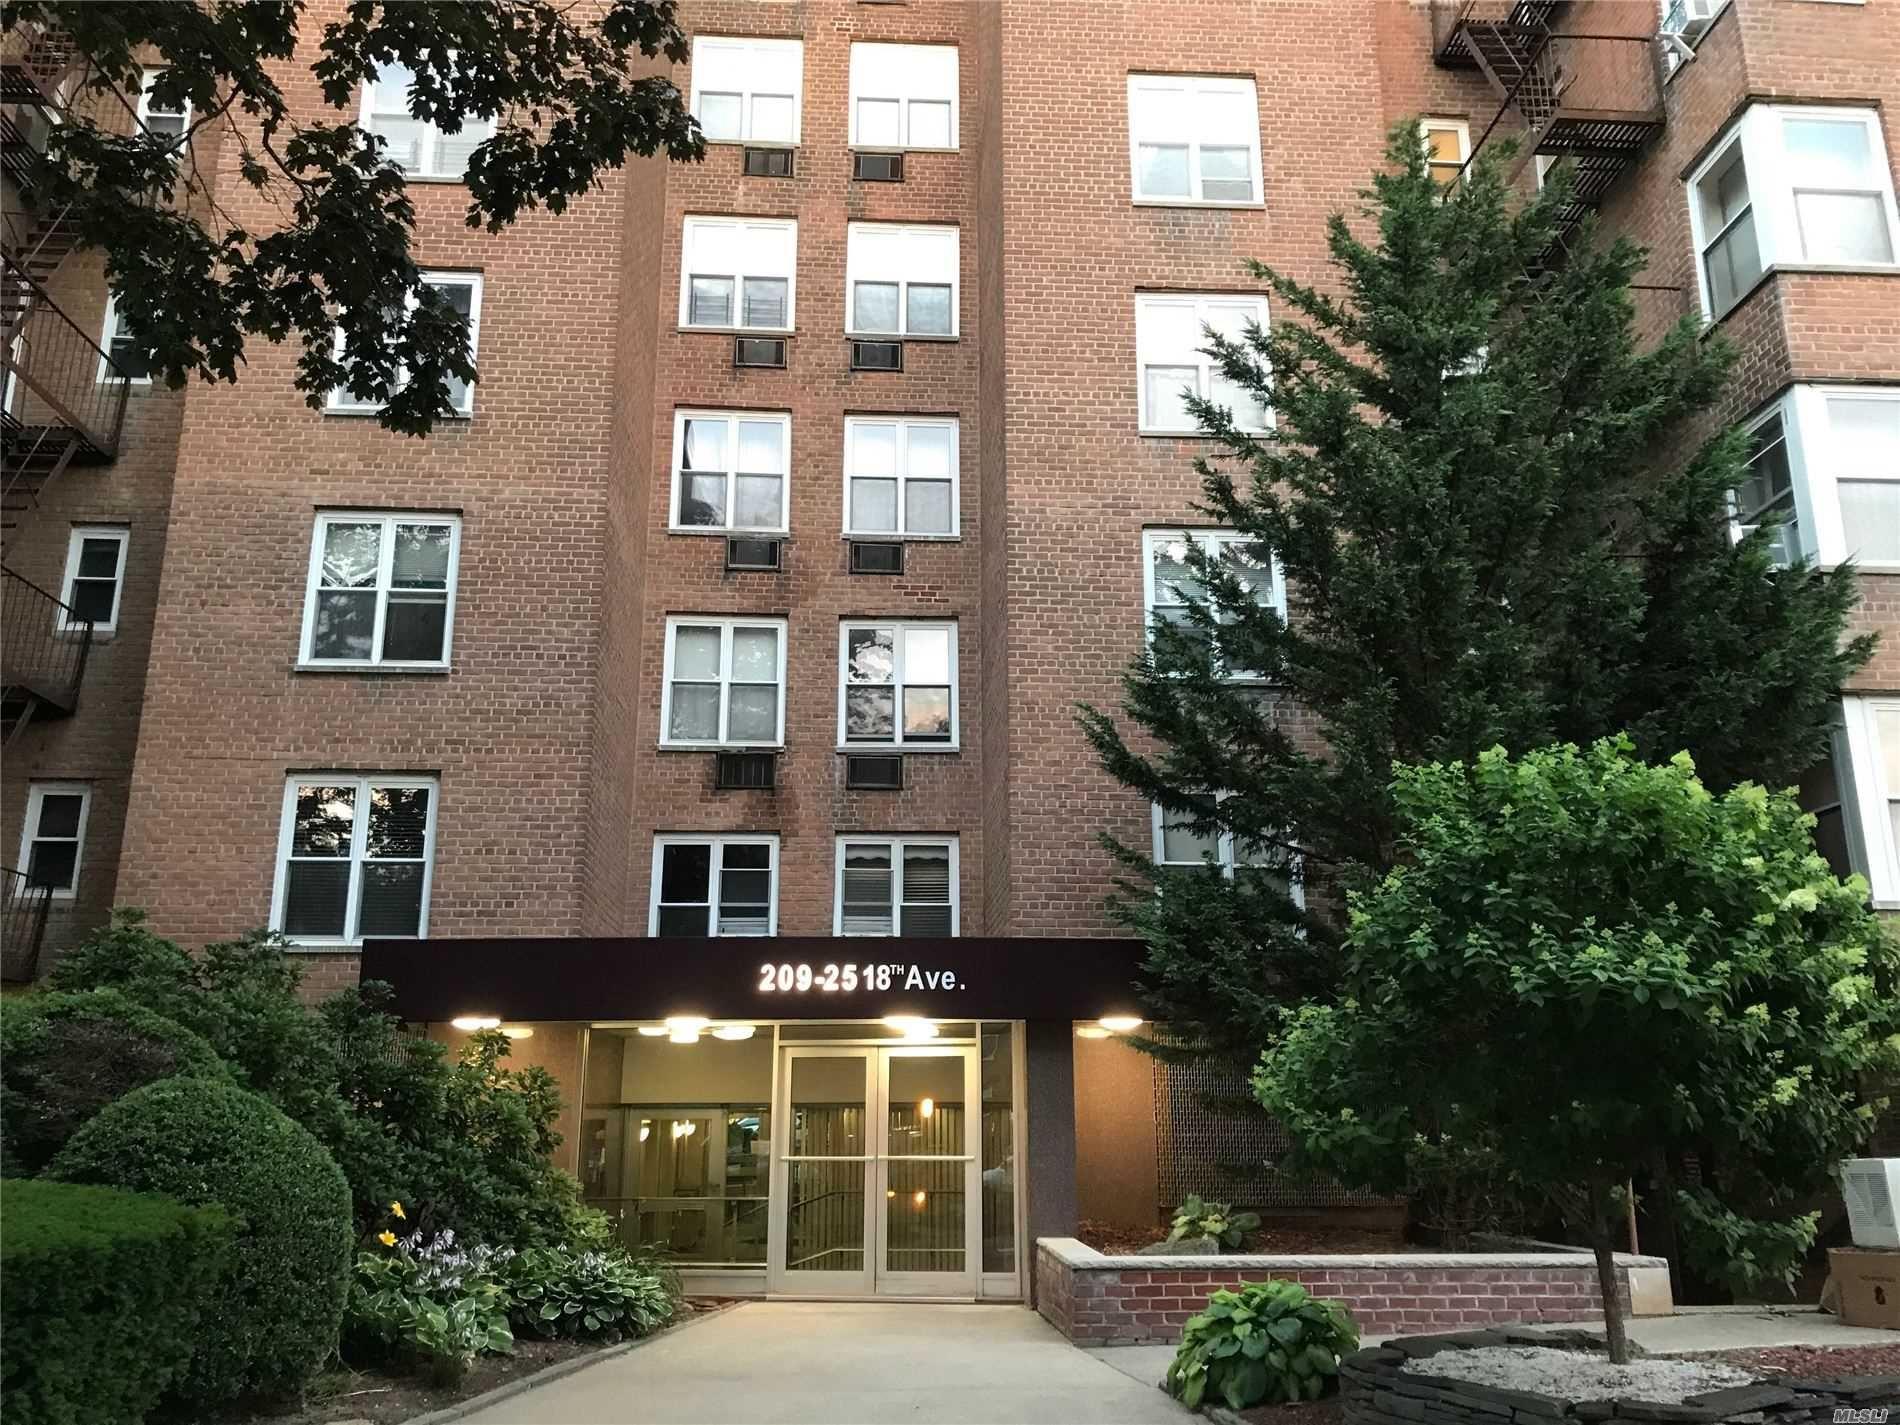 209-25 18 Avenue #4E, Bayside, NY 11360 - MLS#: 3233936